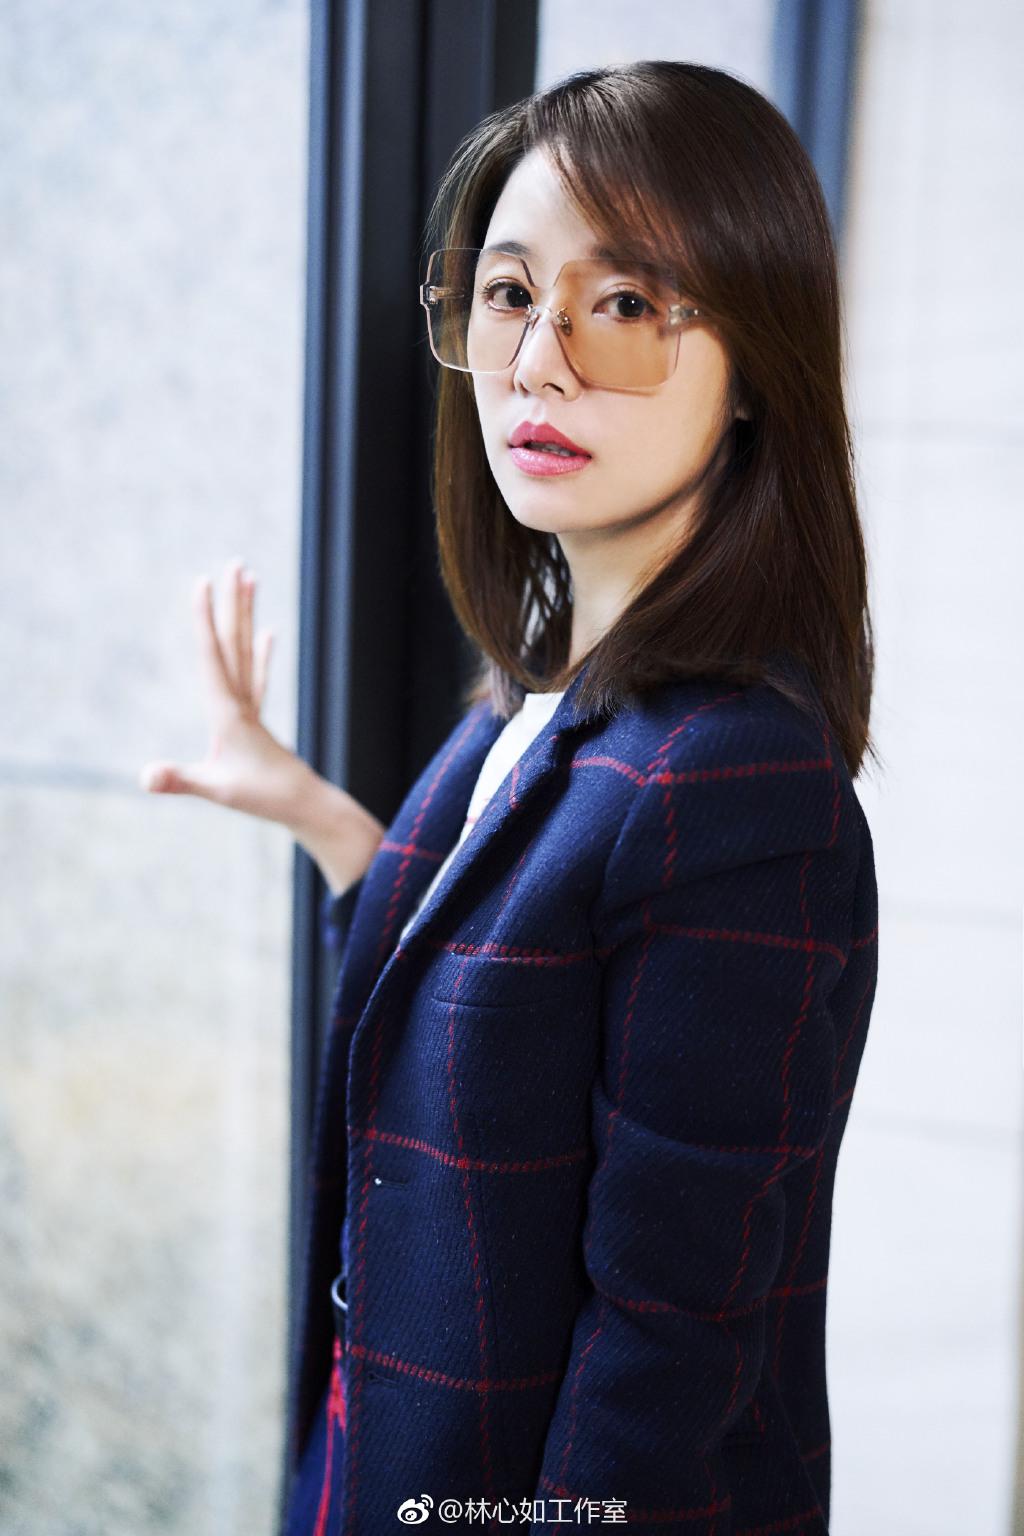 Lâm Tâm Như hạ quyết tâm giảm 5kg để vào vai một cô gái Việt Nam - Ảnh 2